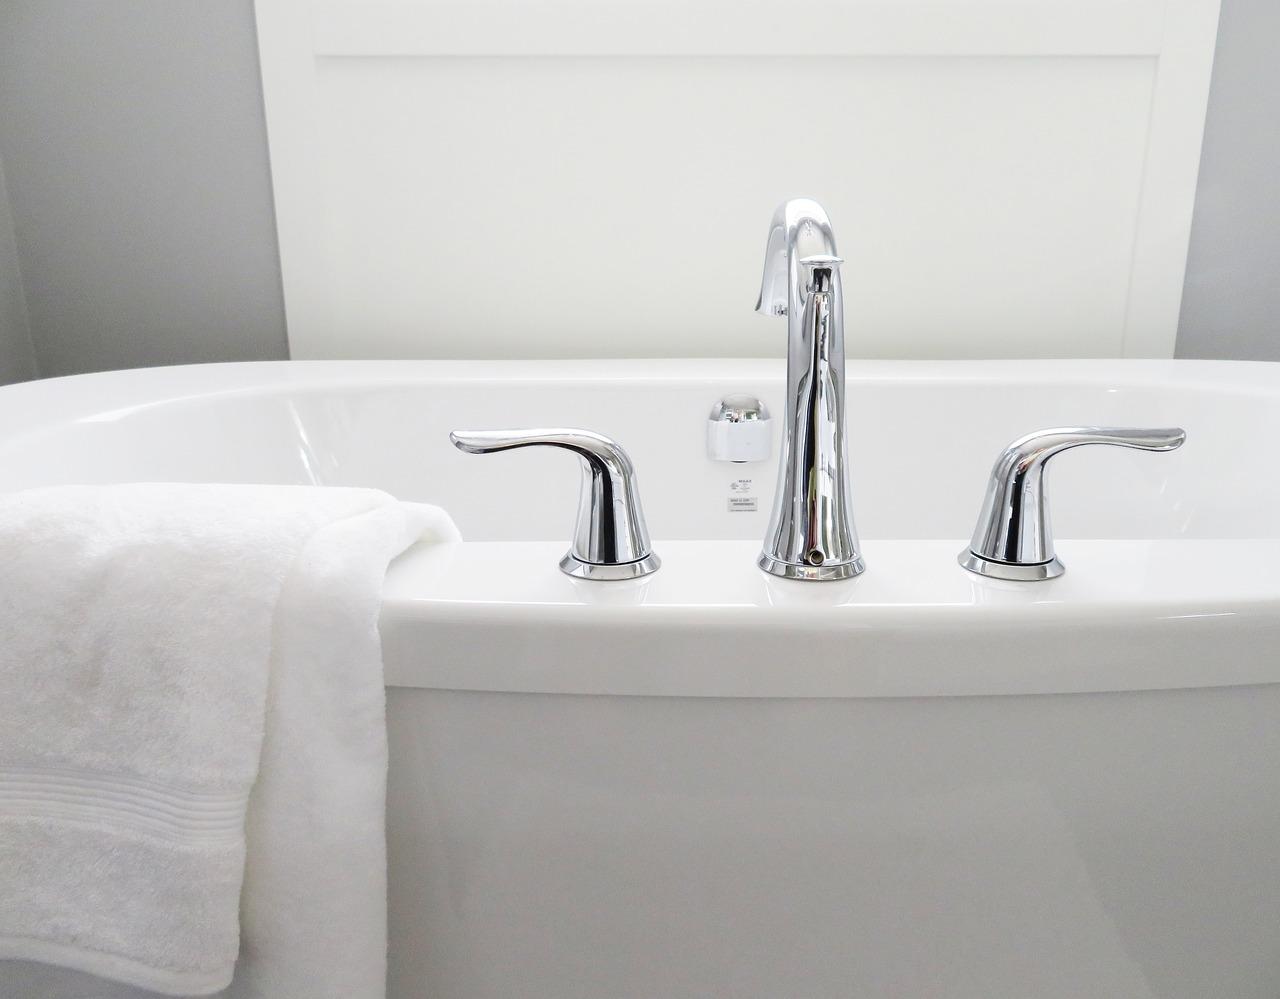 Armatura łazienkowa – co obejmuje?